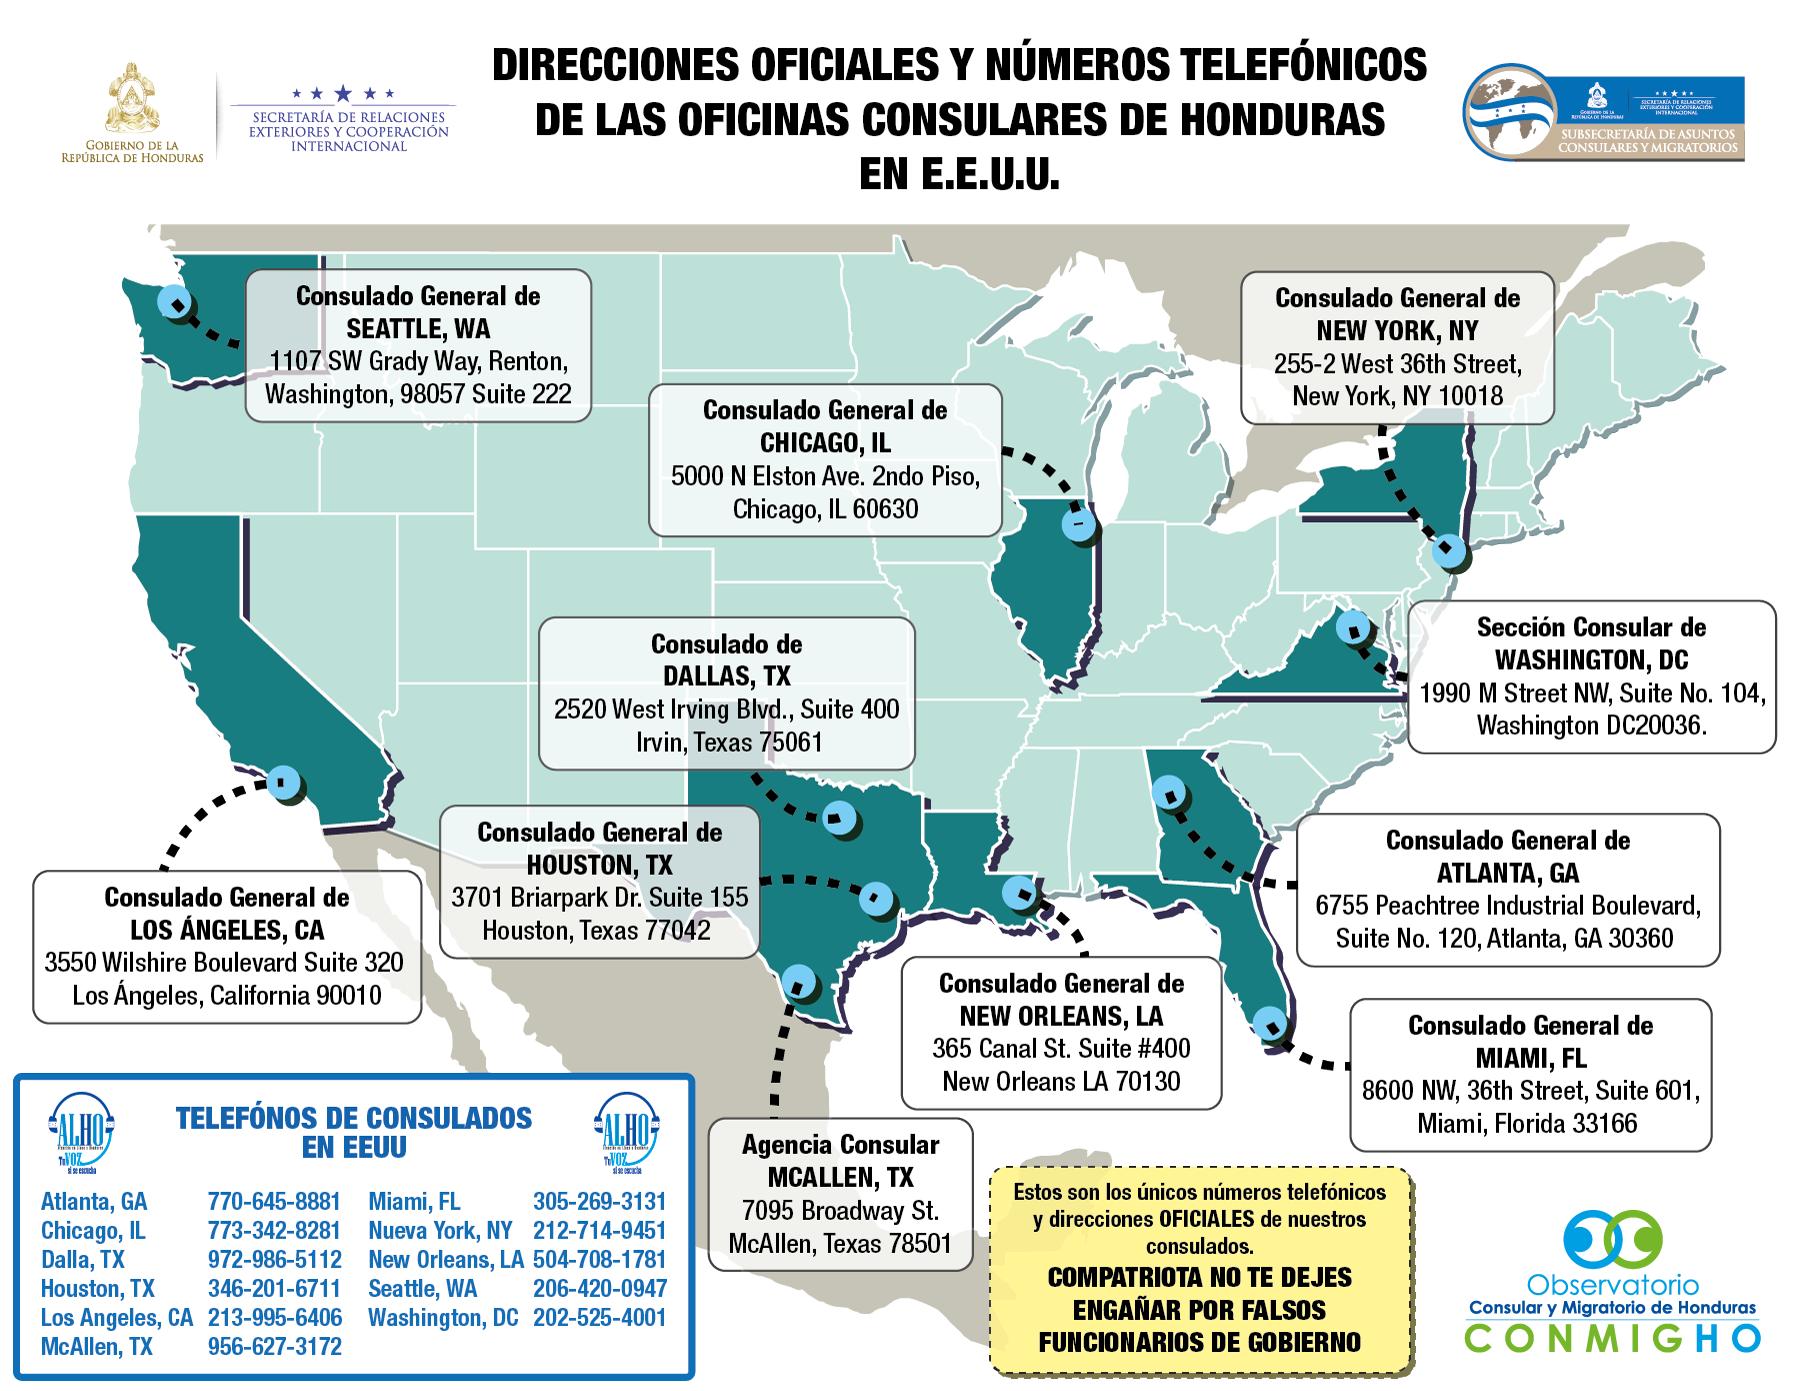 Mapa-de-Direcciones-Oficiales-de-las-Oficinas-Consulares-en-EEUU